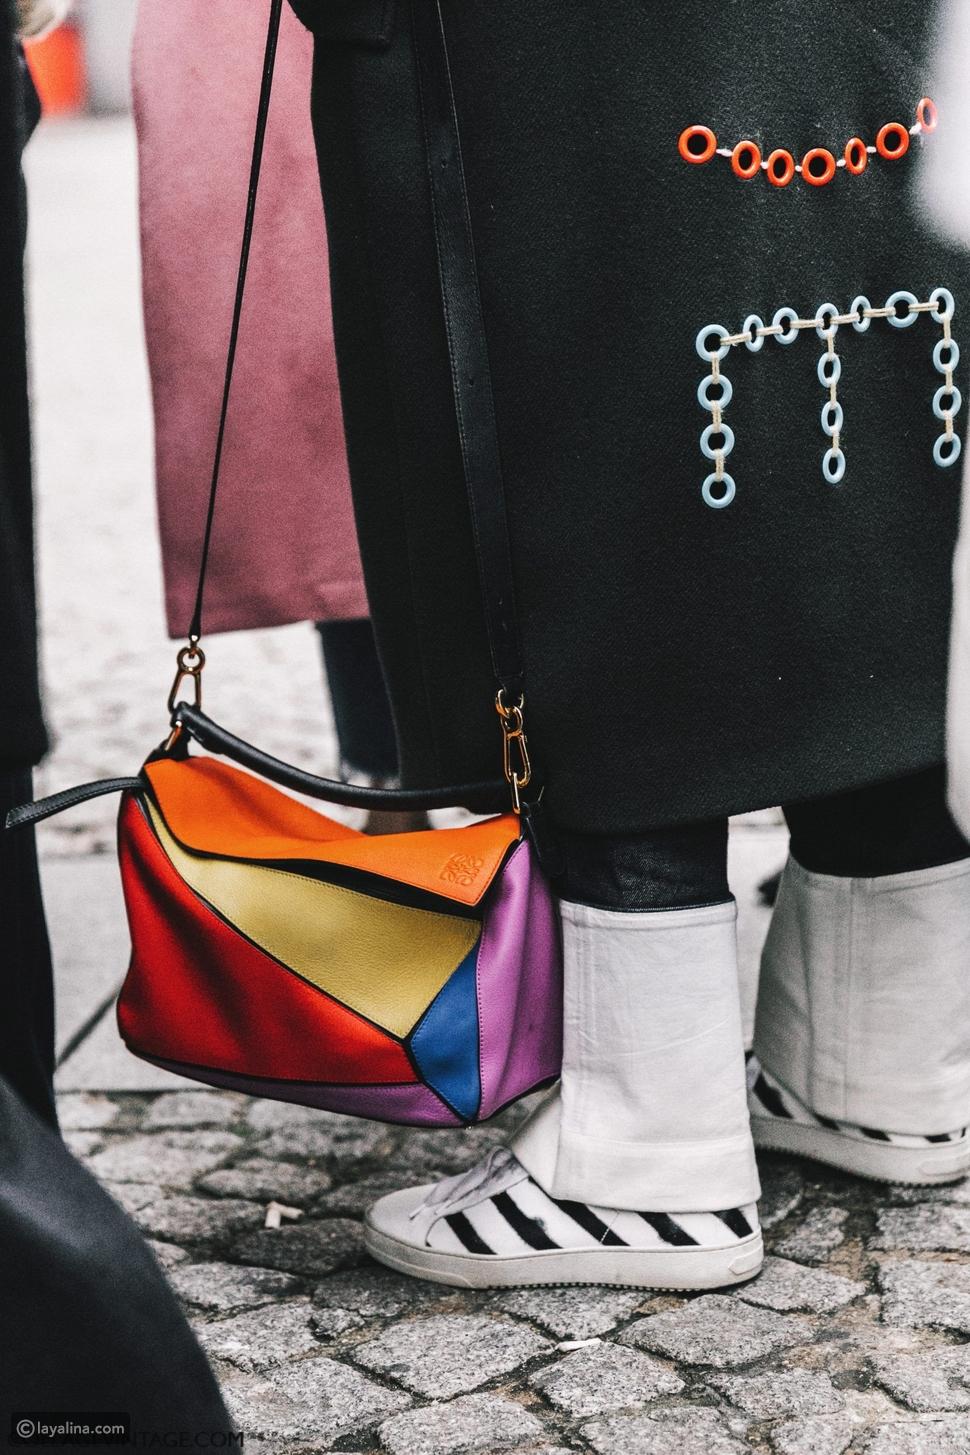 حقائب متعددة الألوان